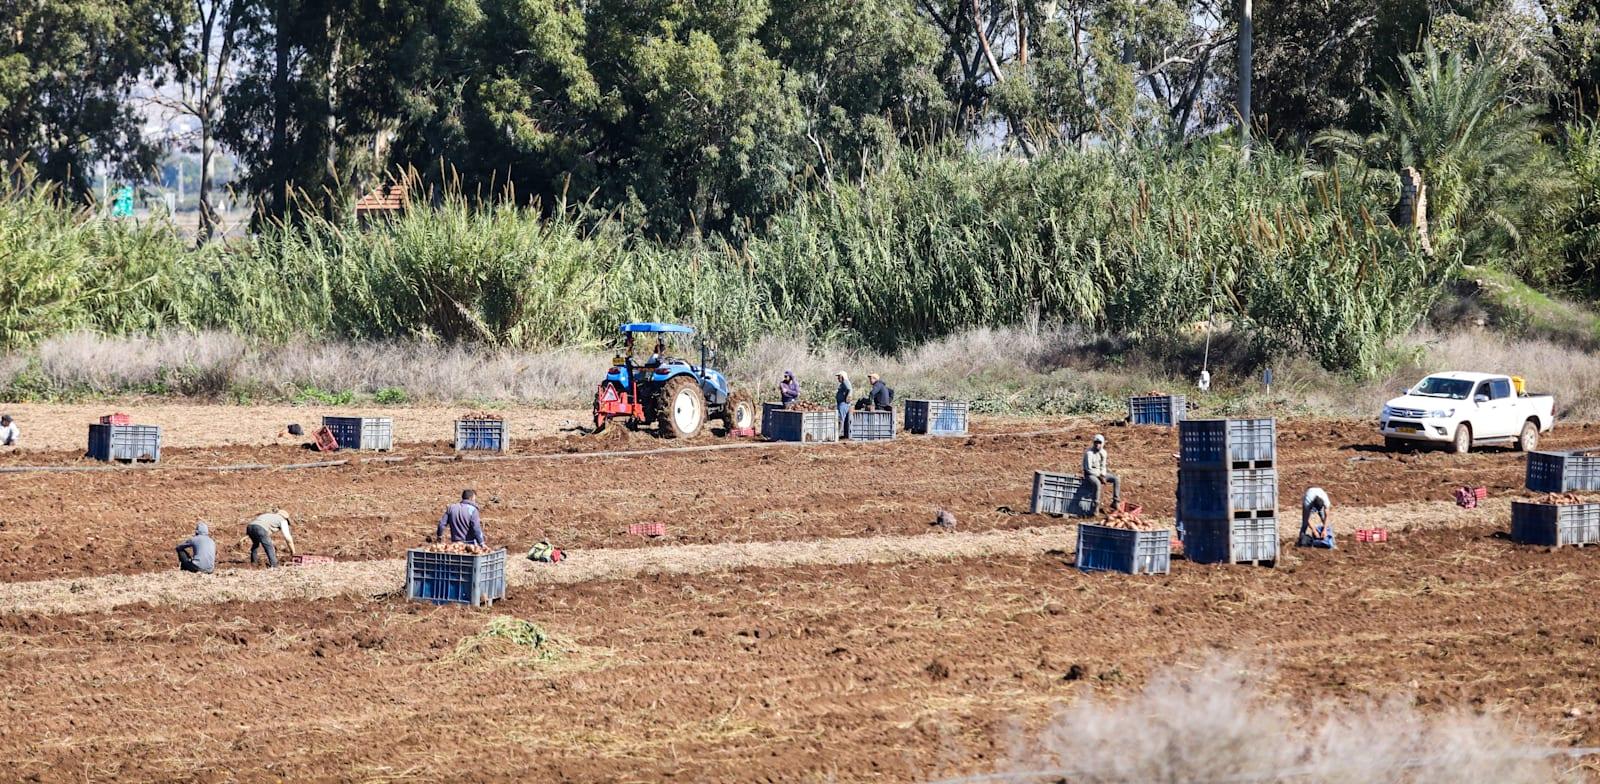 עובדים זרים בשדות חקלאיים / צילום: שלומי יוסף